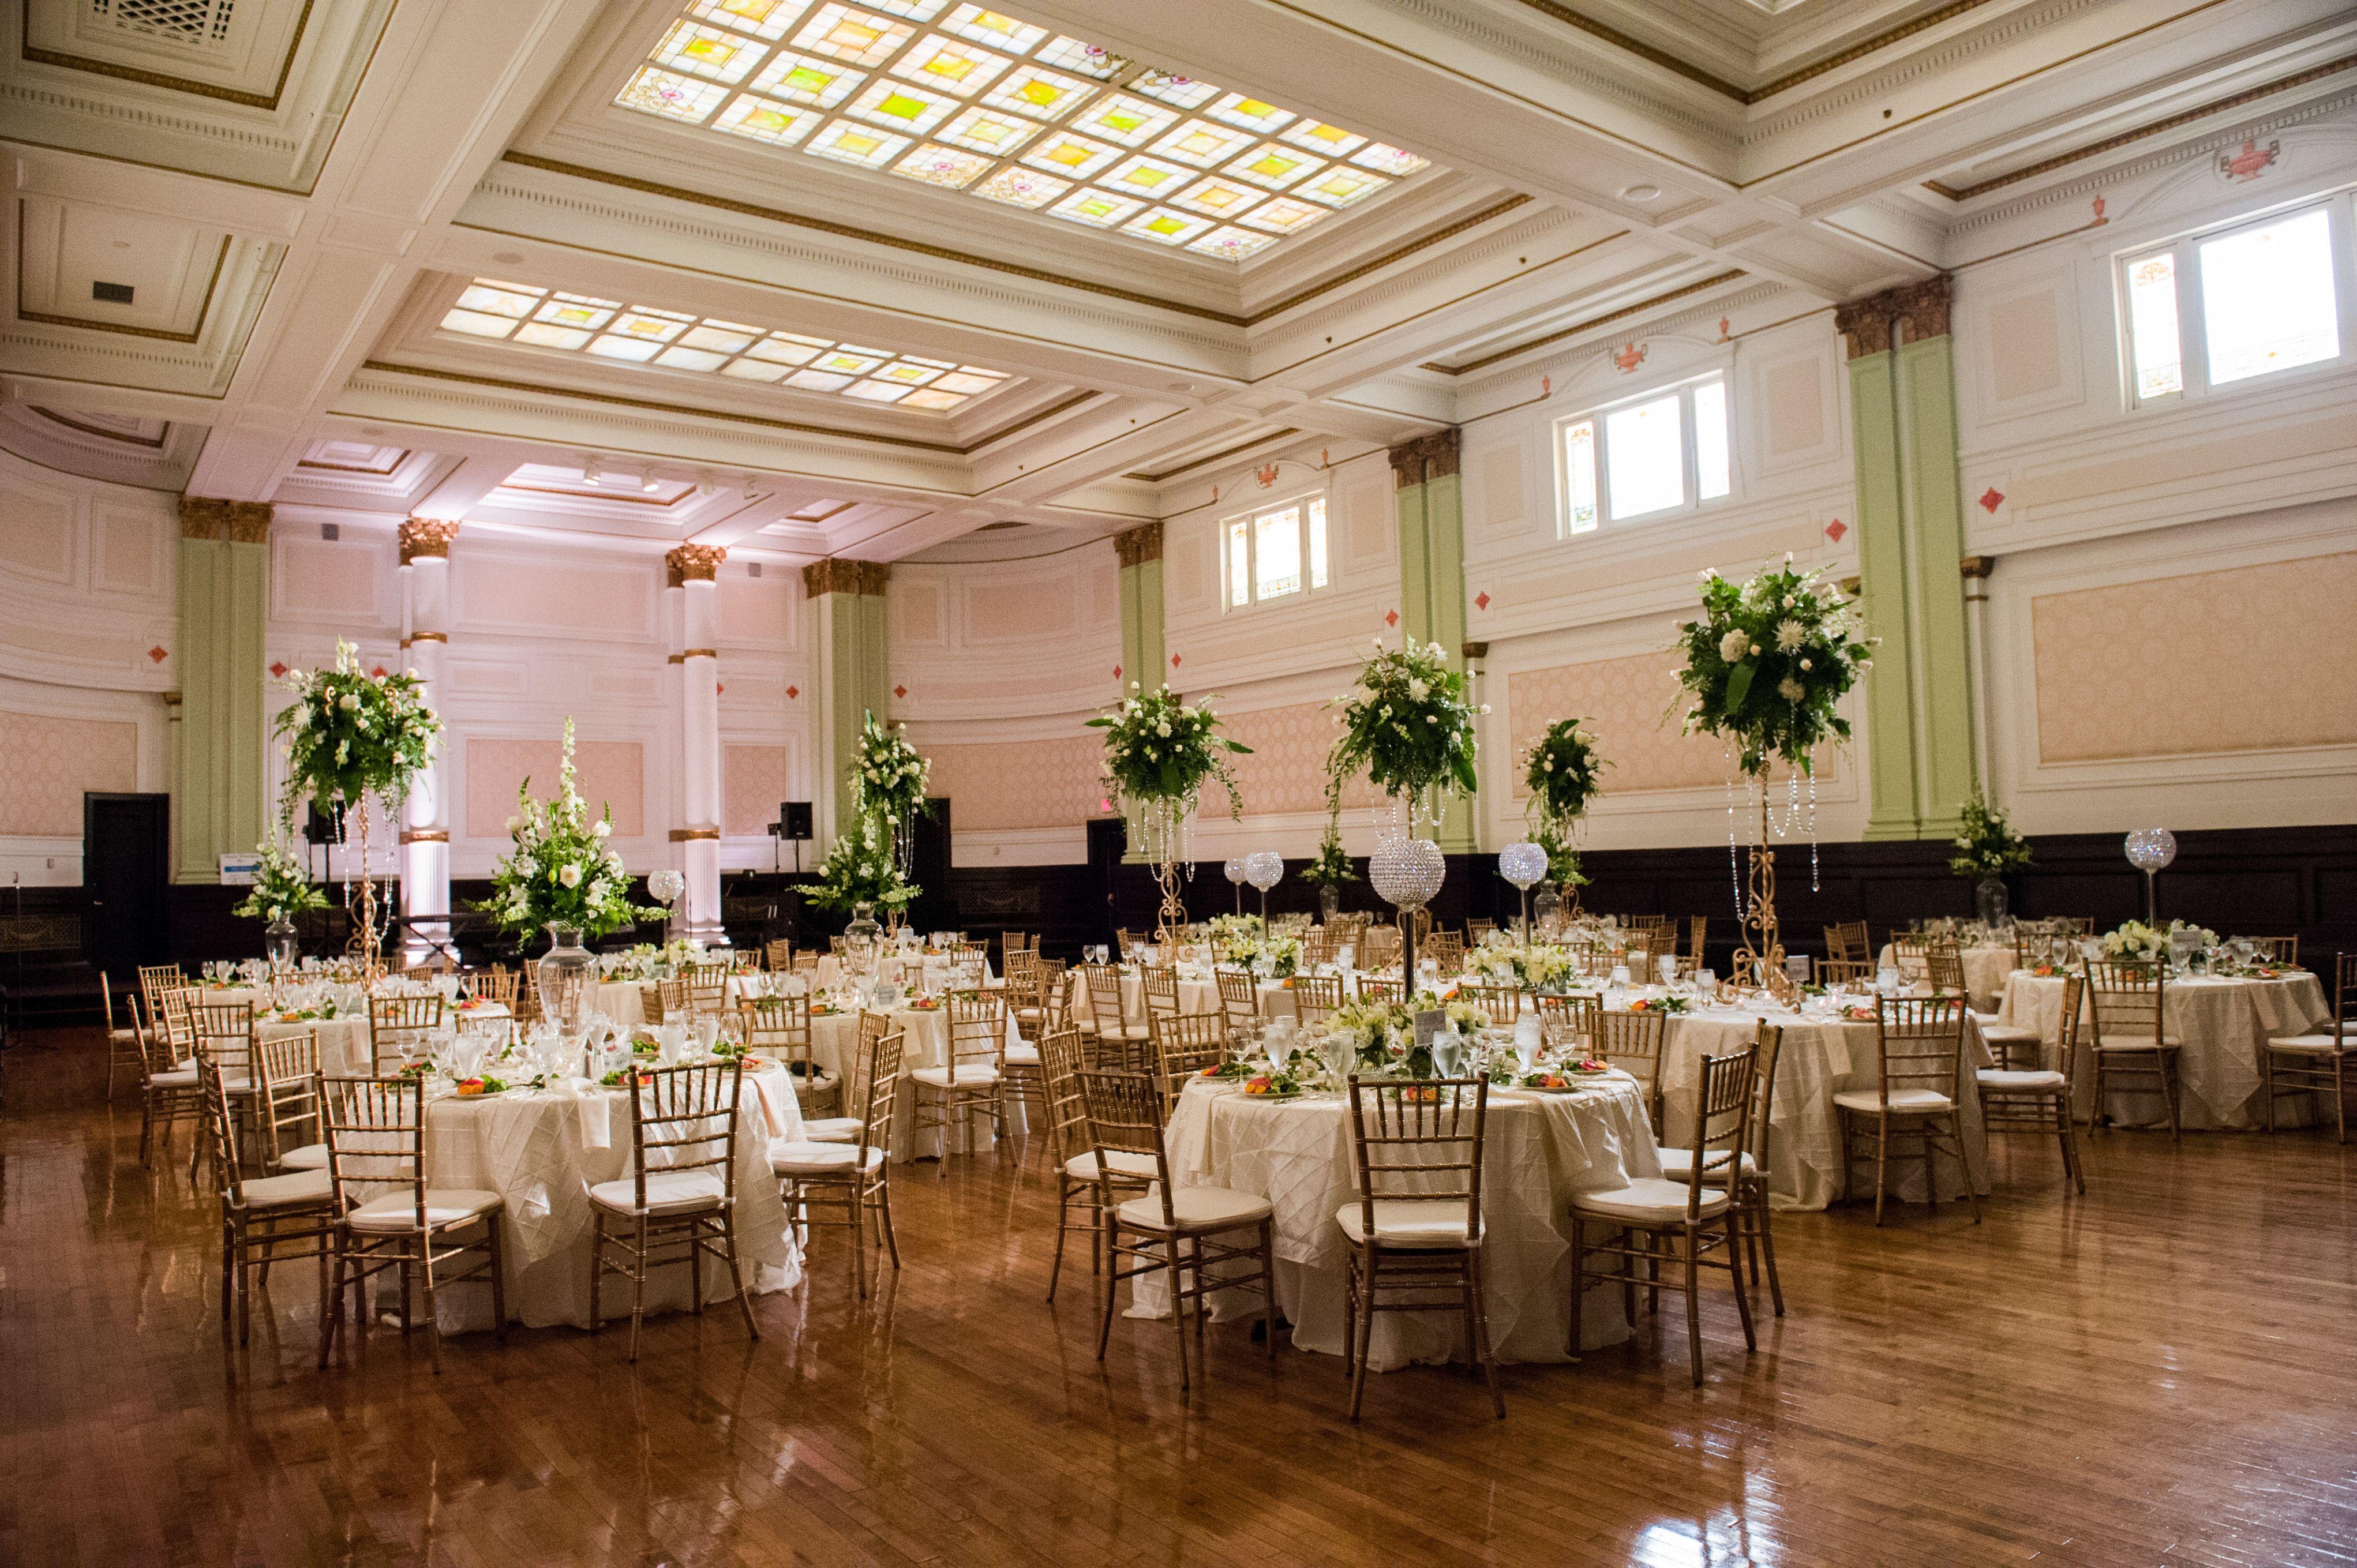 33+ Wedding venues in louisville kentucky info